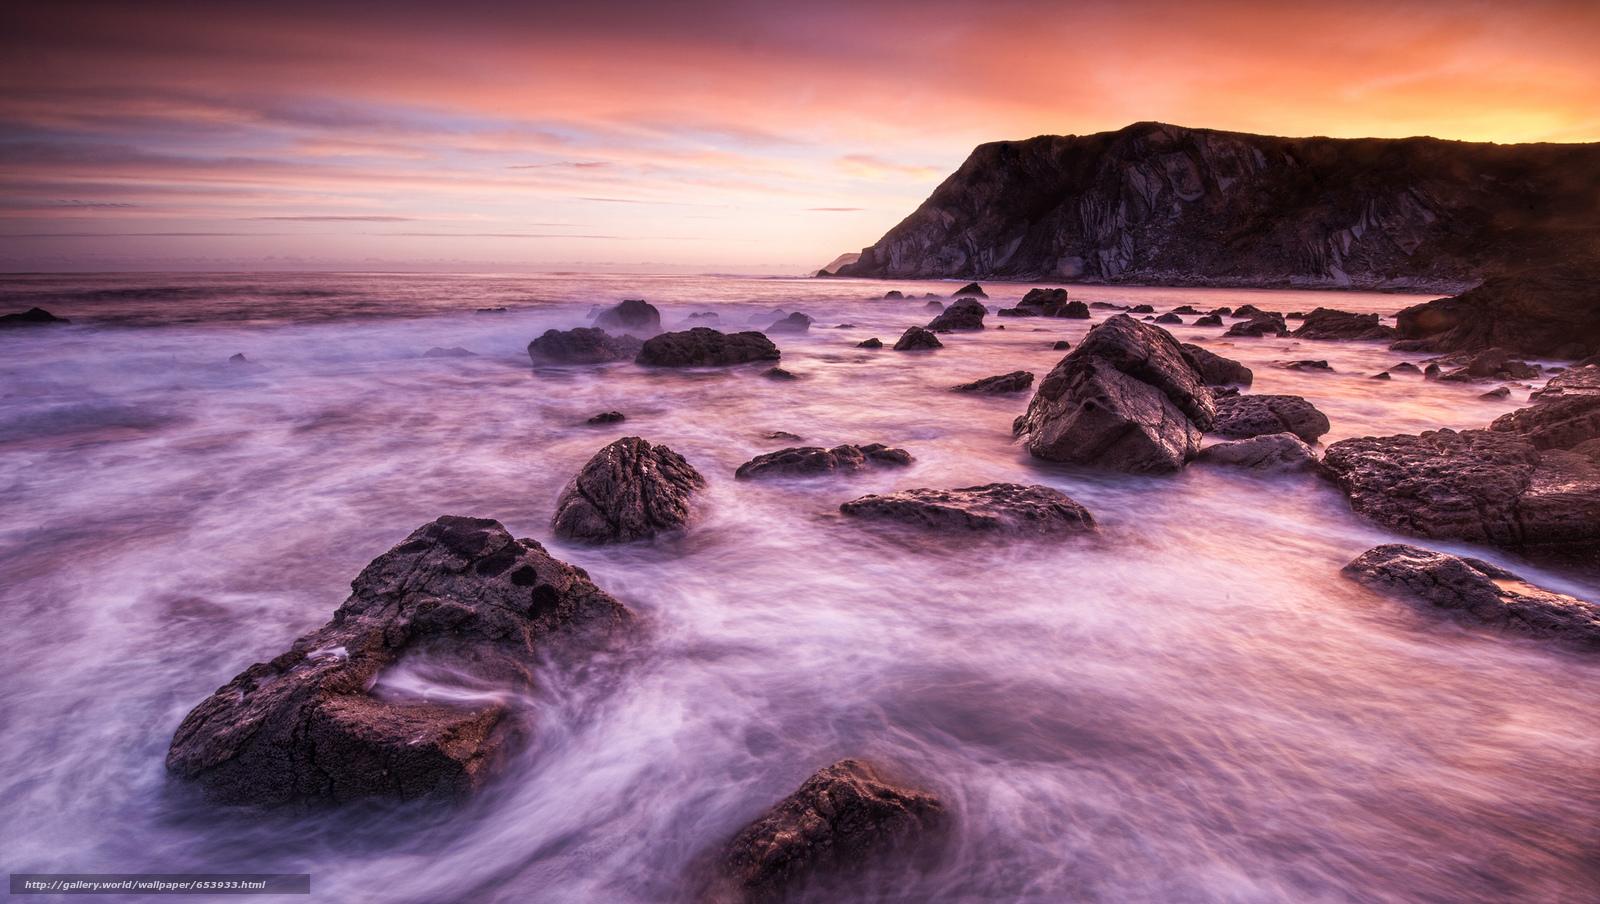 Скачать обои море,  океан,  водоем,  камни бесплатно для рабочего стола в разрешении 2048x1157 — картинка №653933